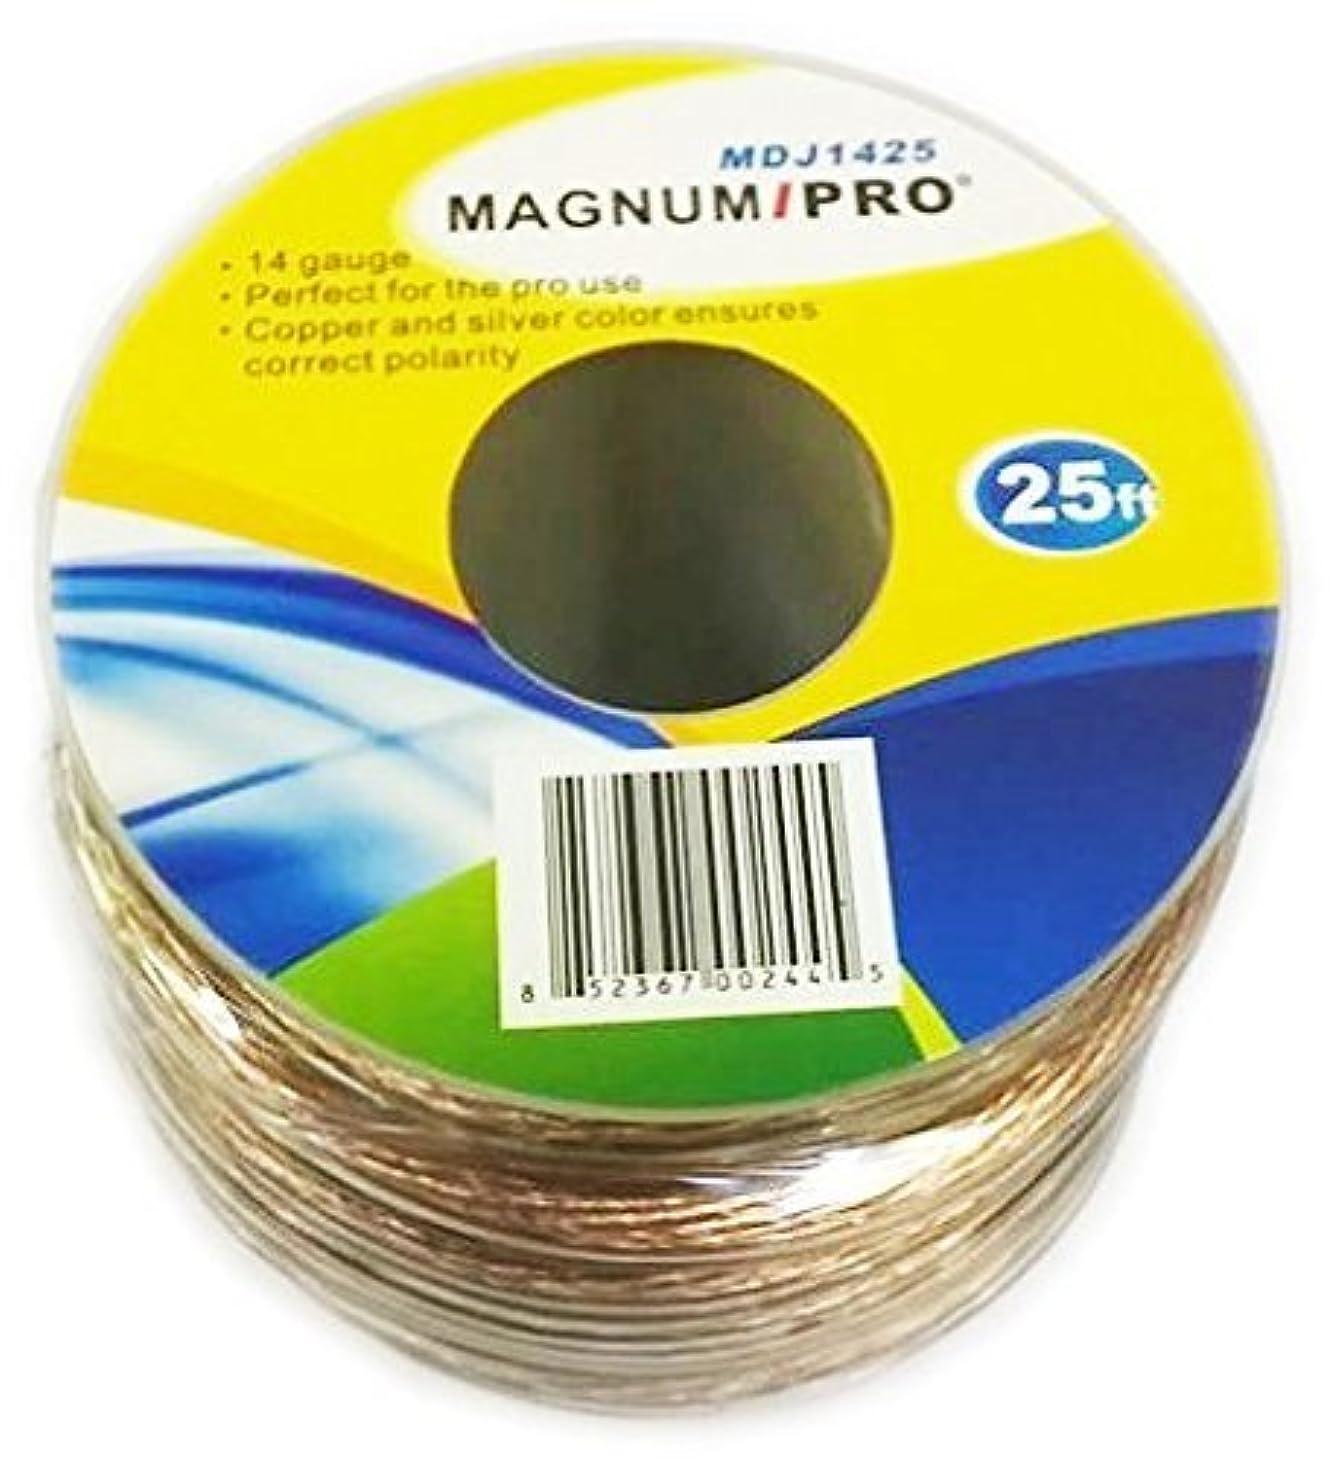 ぼんやりした親密な複雑なMAGNUM PRO mdj1425?25?ft 14ゲージスピーカーケーブル( 100?%銅線